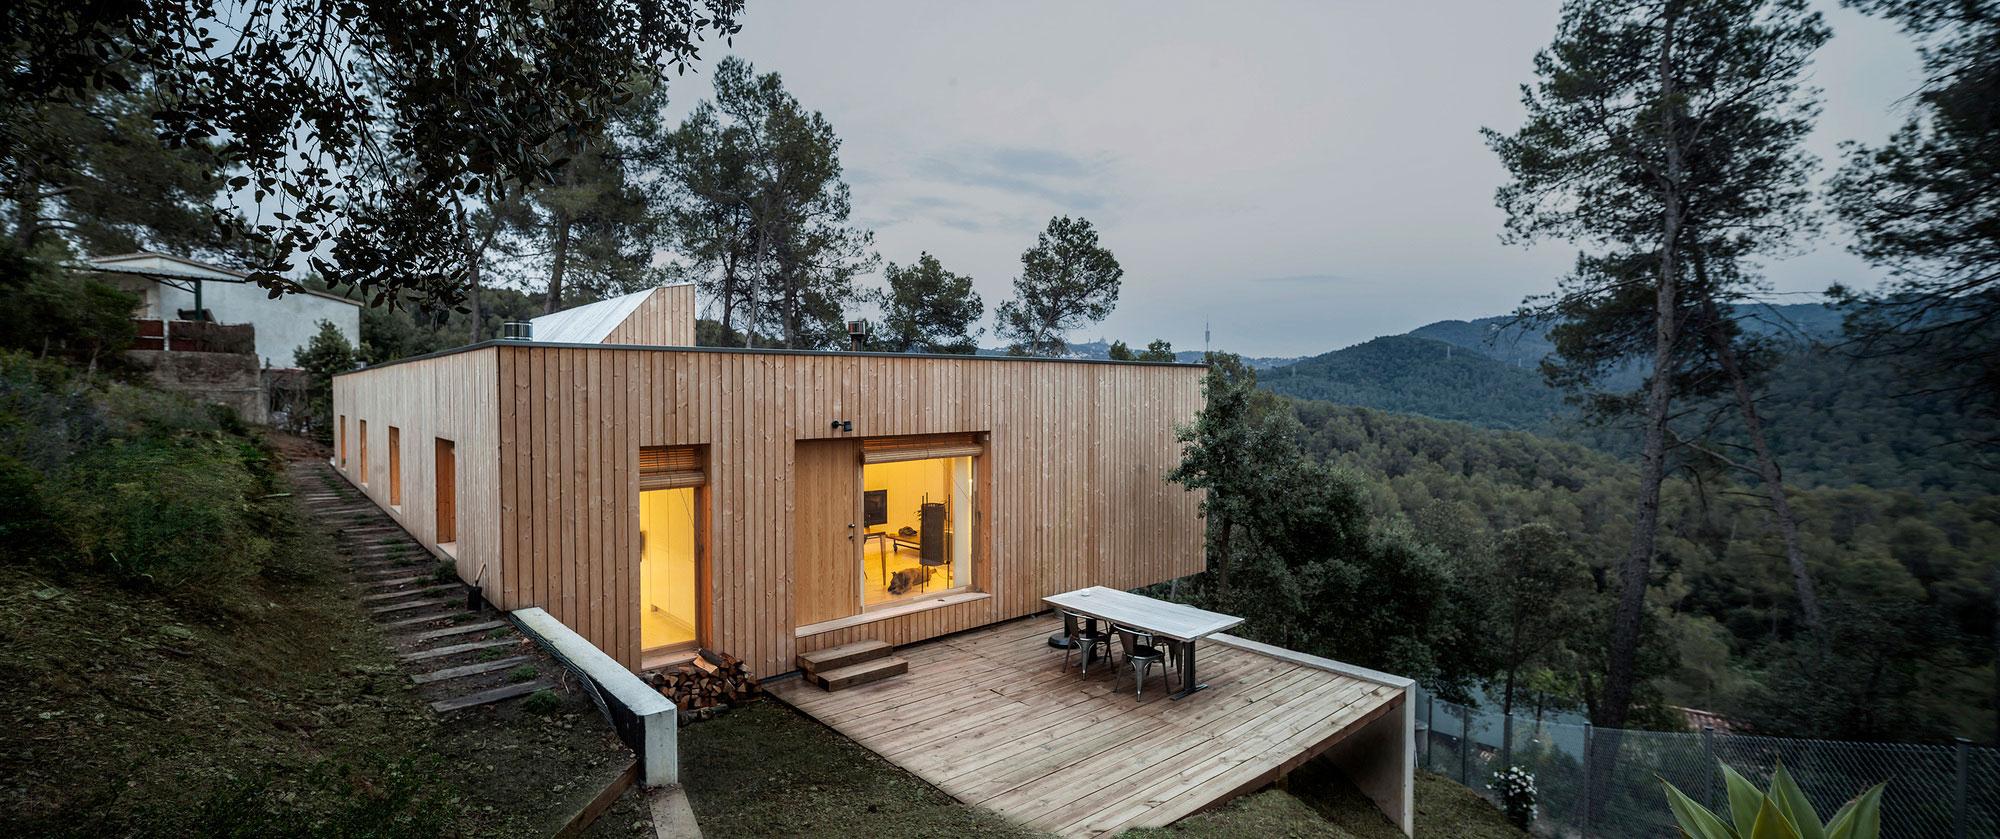 Casa LLP / Alventosa Morell (8)